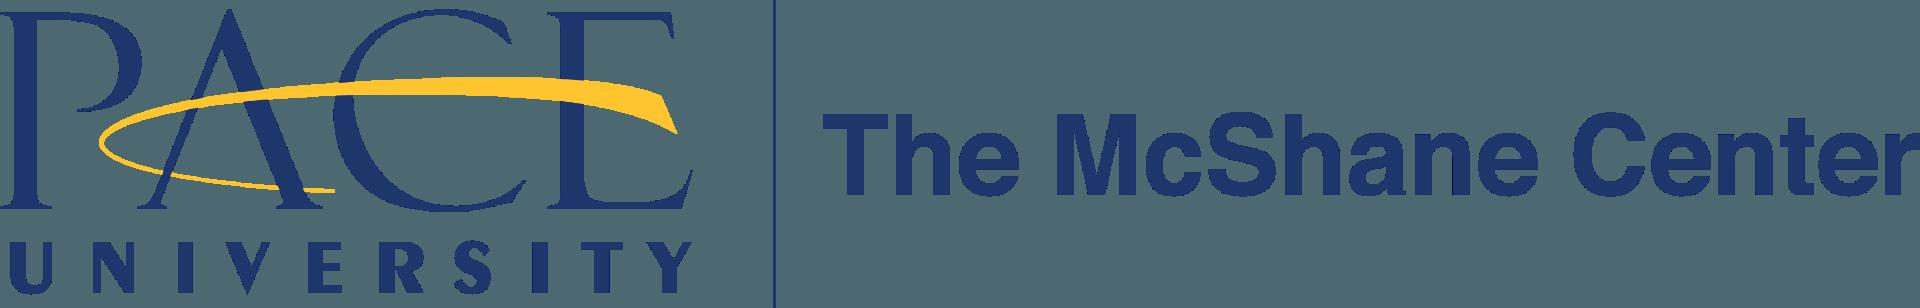 McShane Center